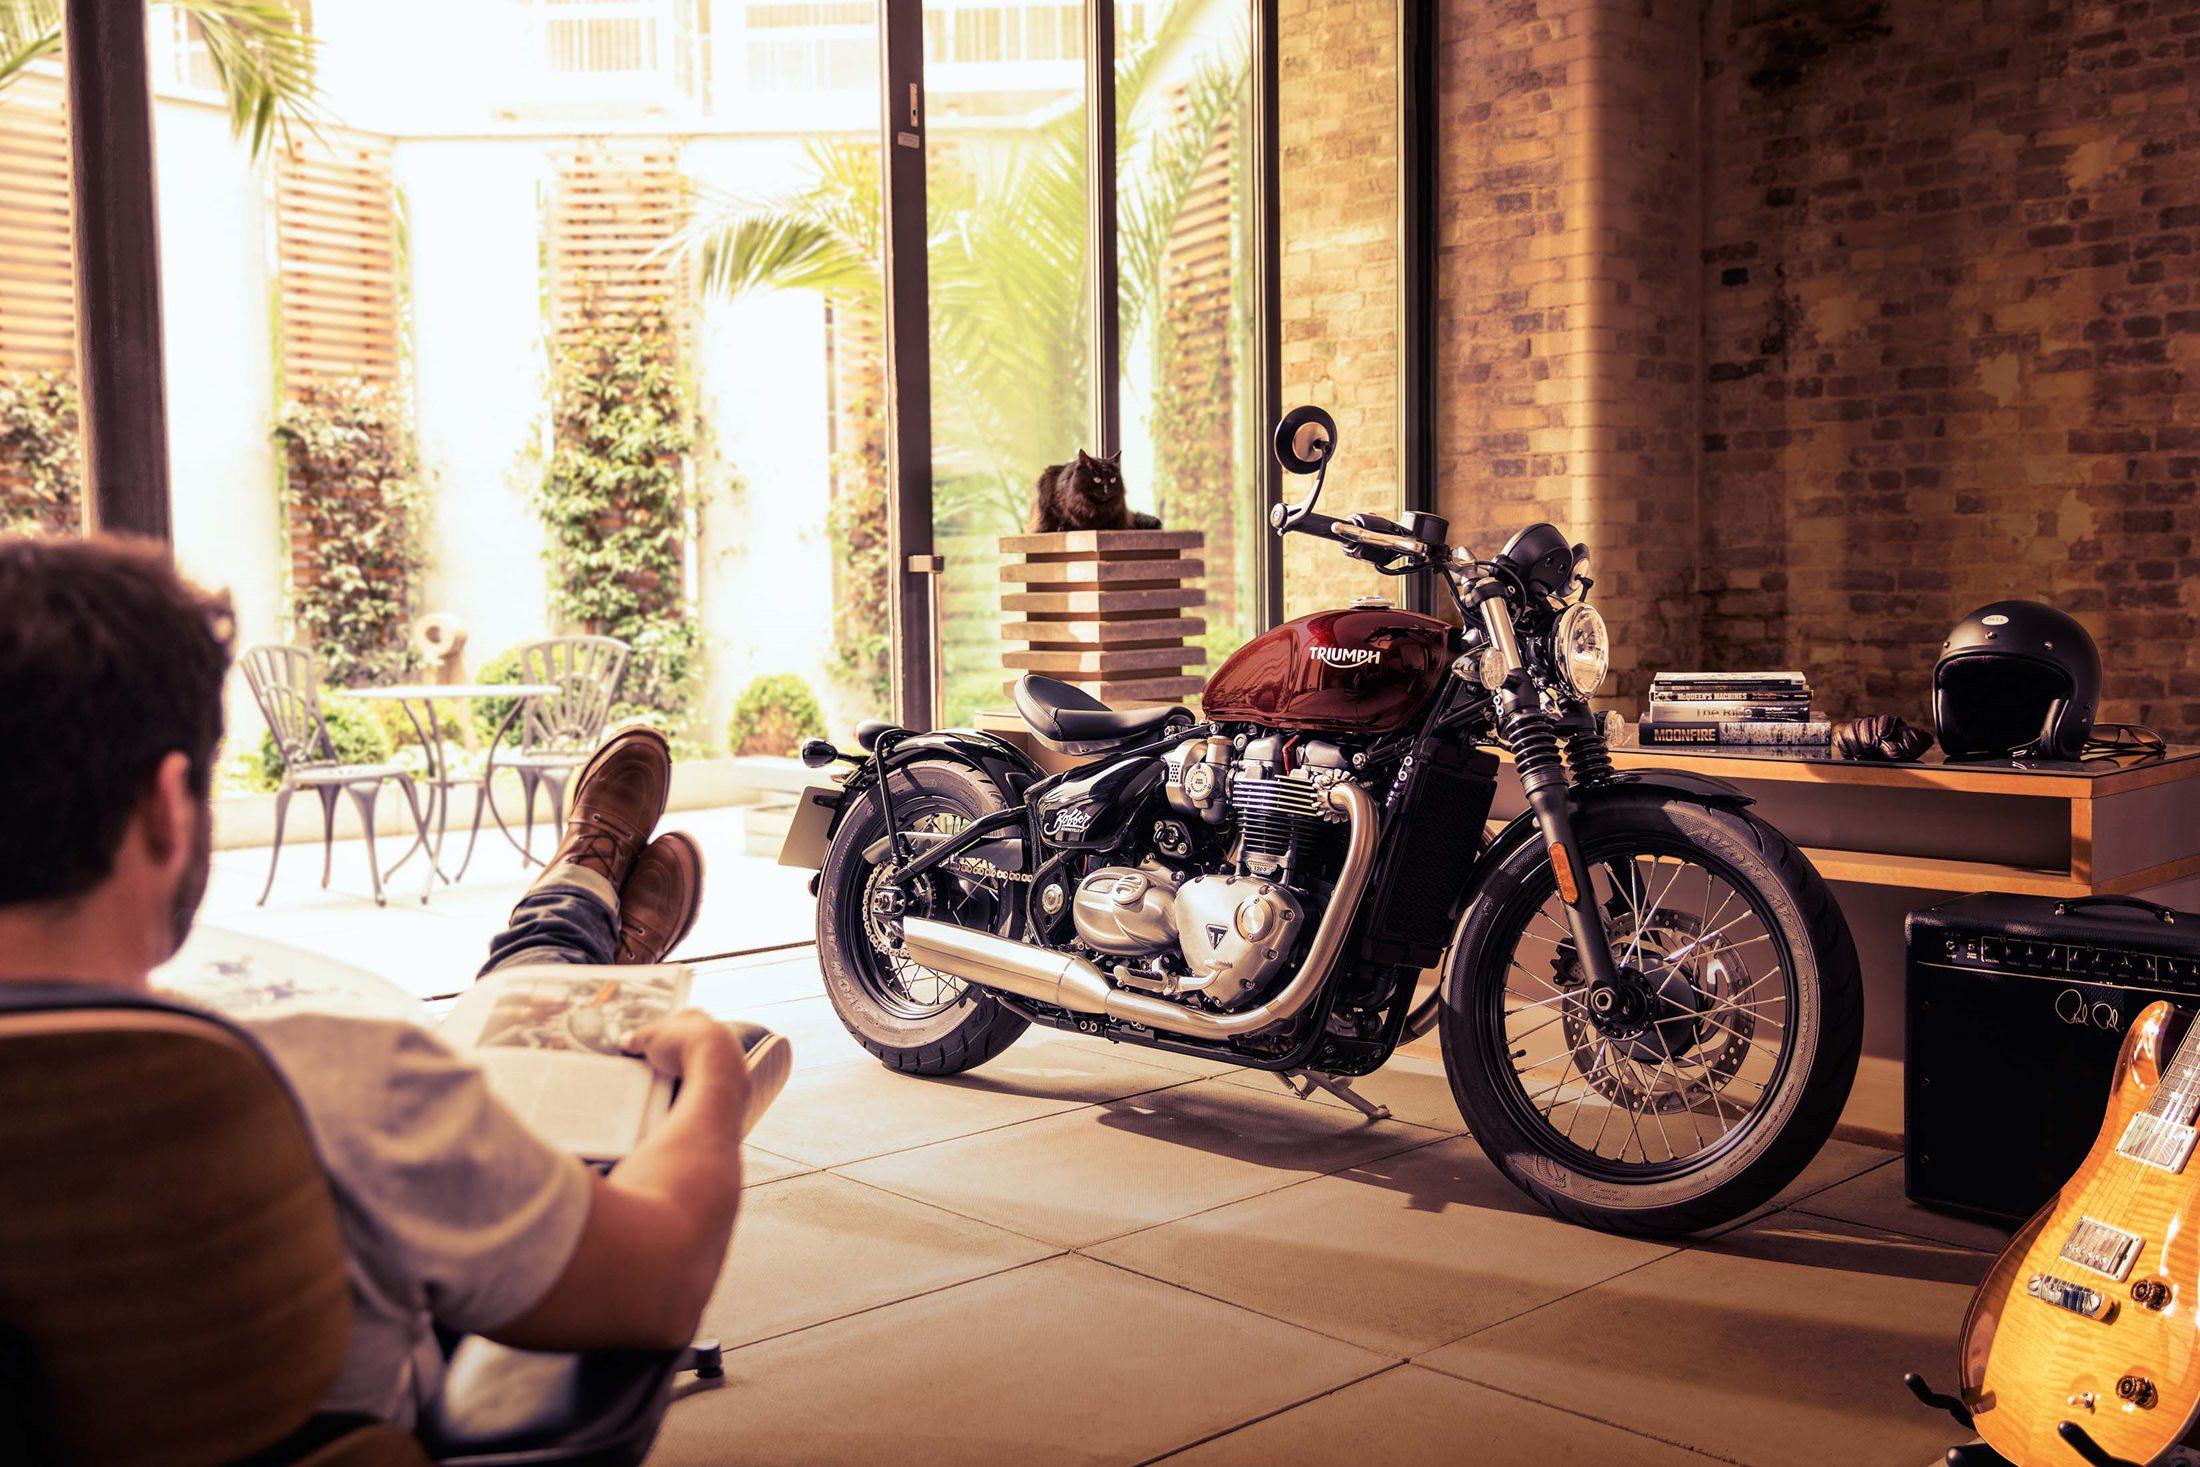 大型バイクに乗りたい…バイク選び【モダンクラシック編】